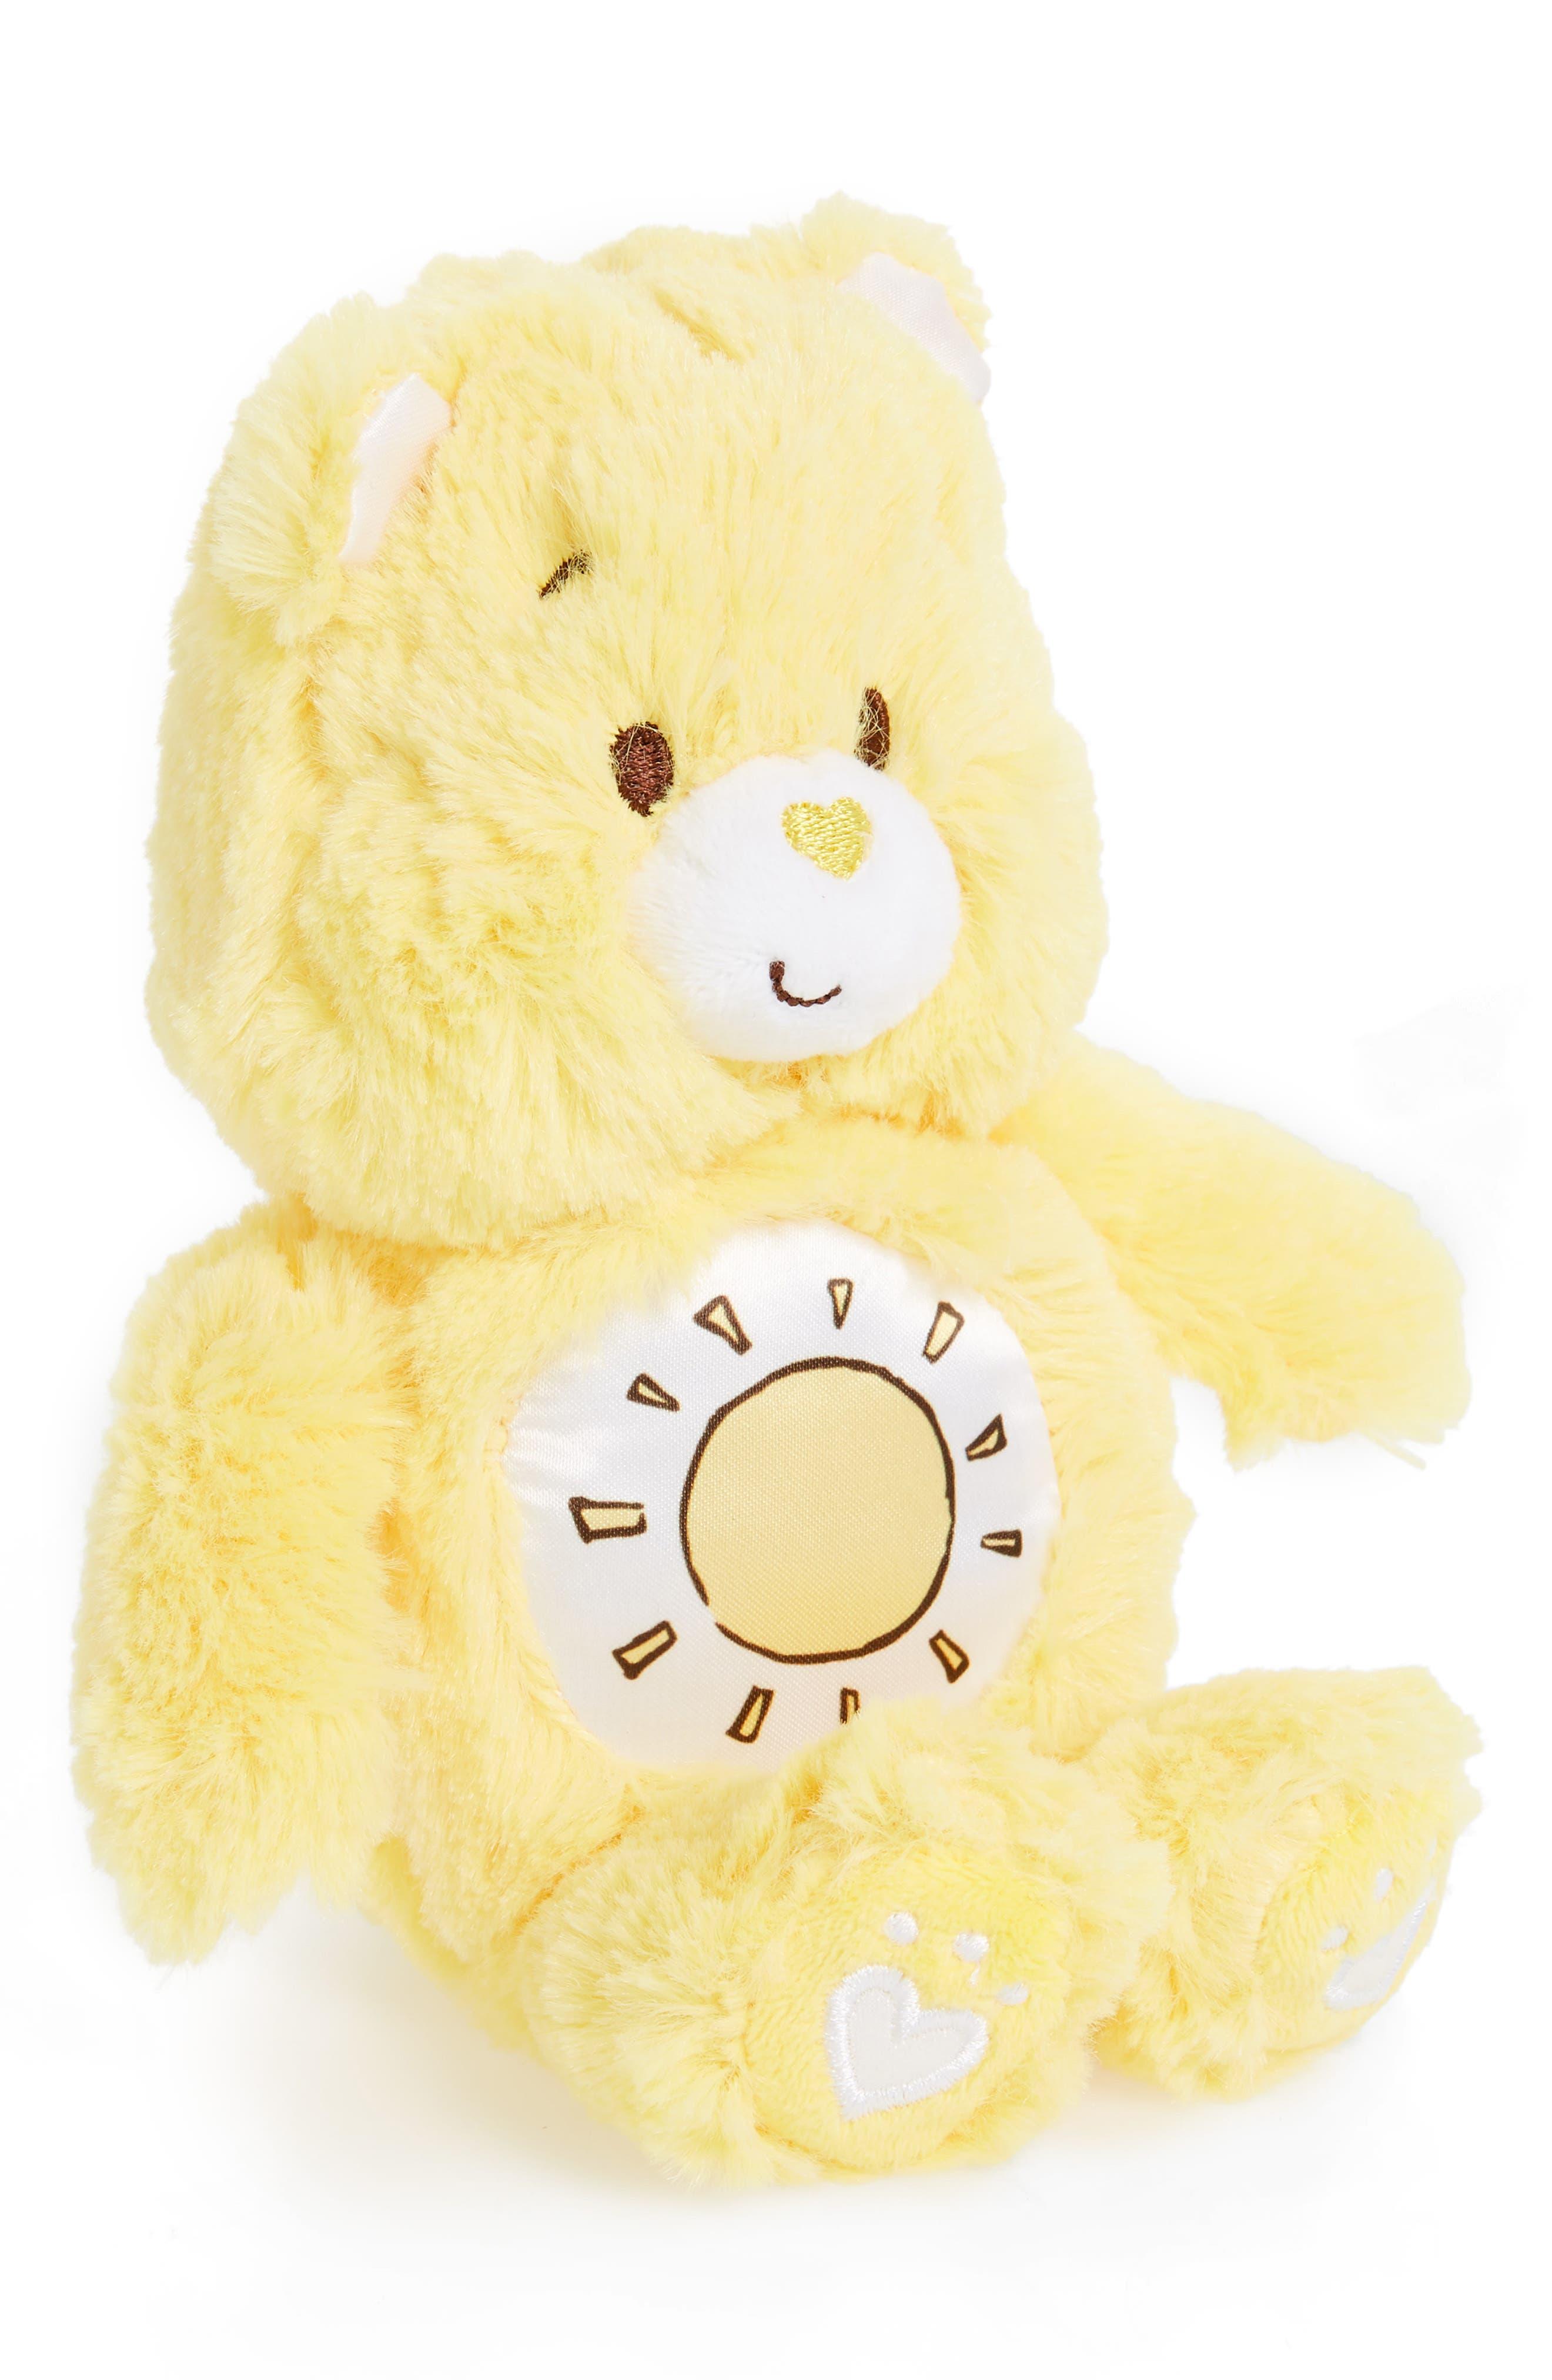 KIDS PREFERRED,                             Care Bears Funshine Bear Plush Toy,                             Main thumbnail 1, color,                             YELLOW